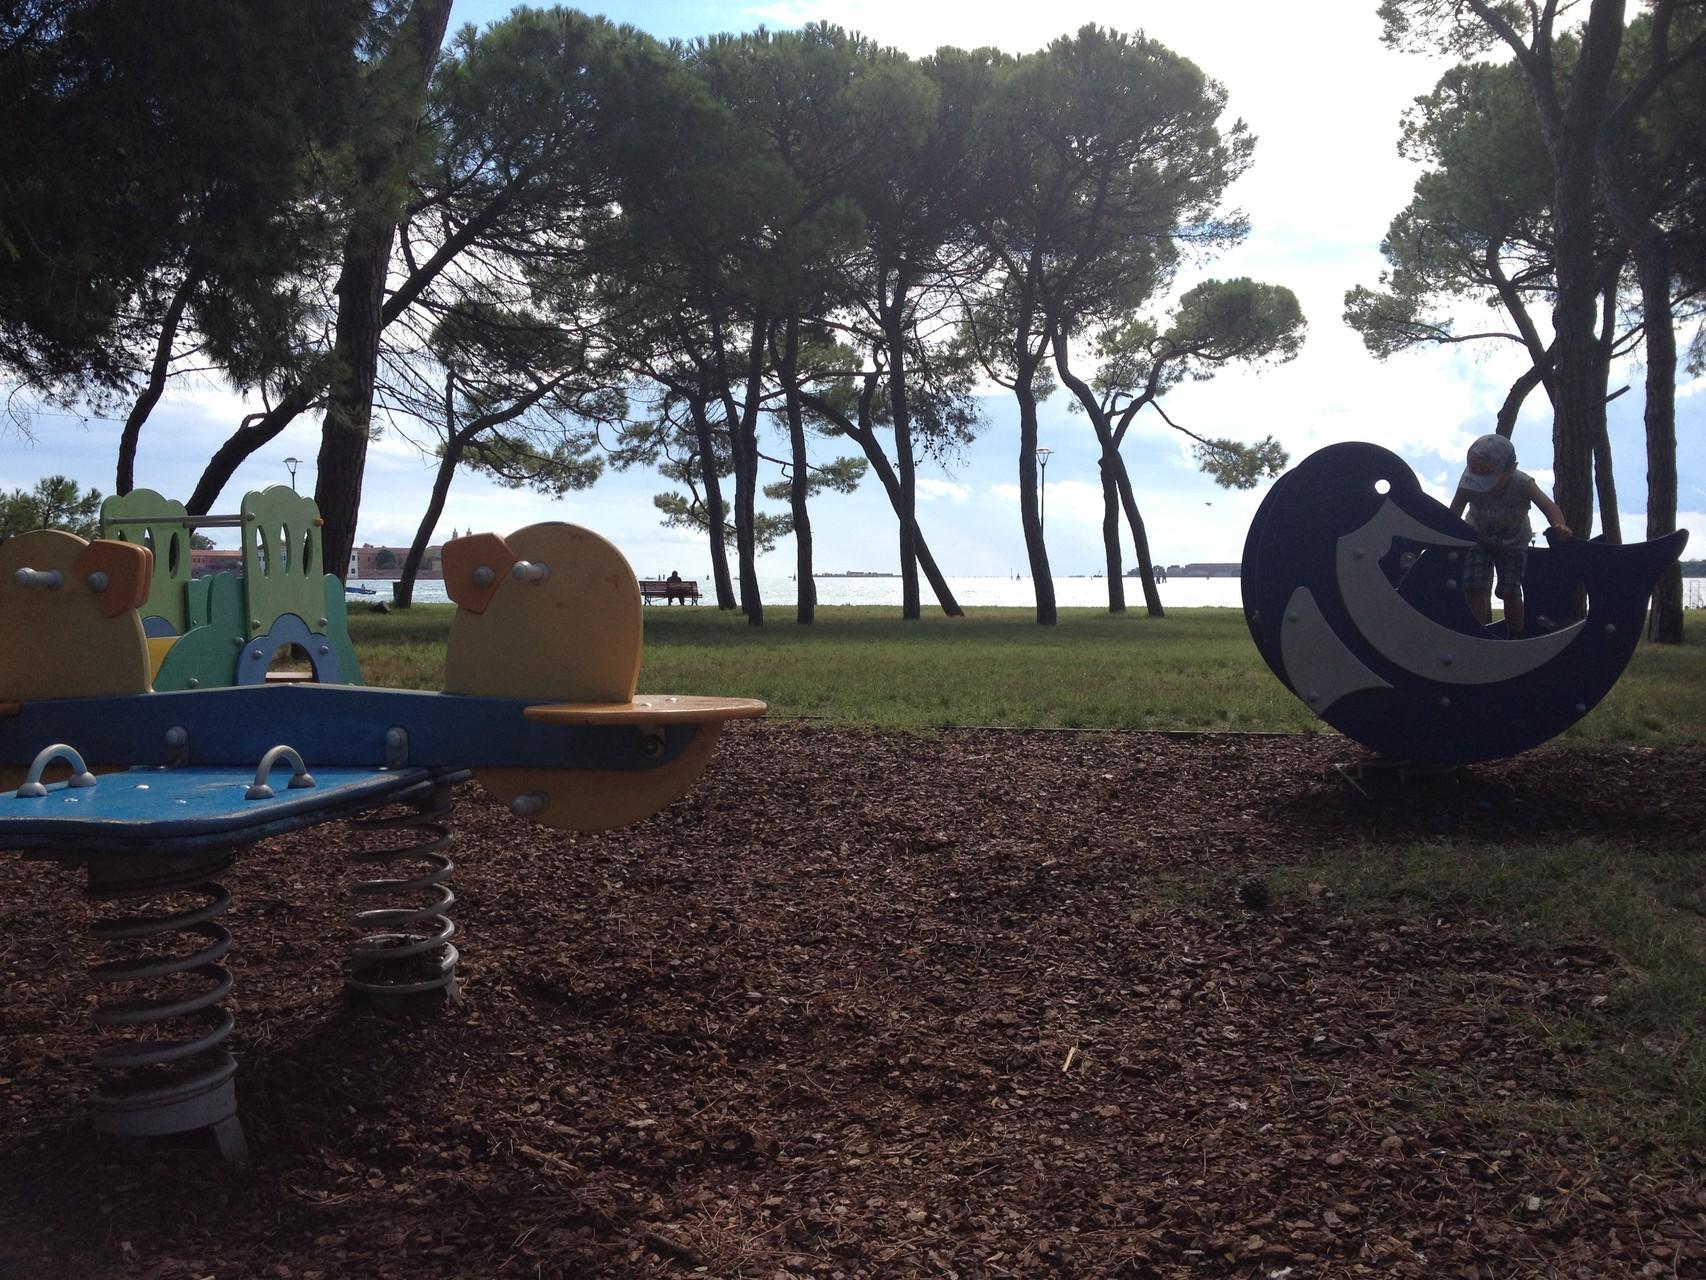 Public playground - 2 minutes walk